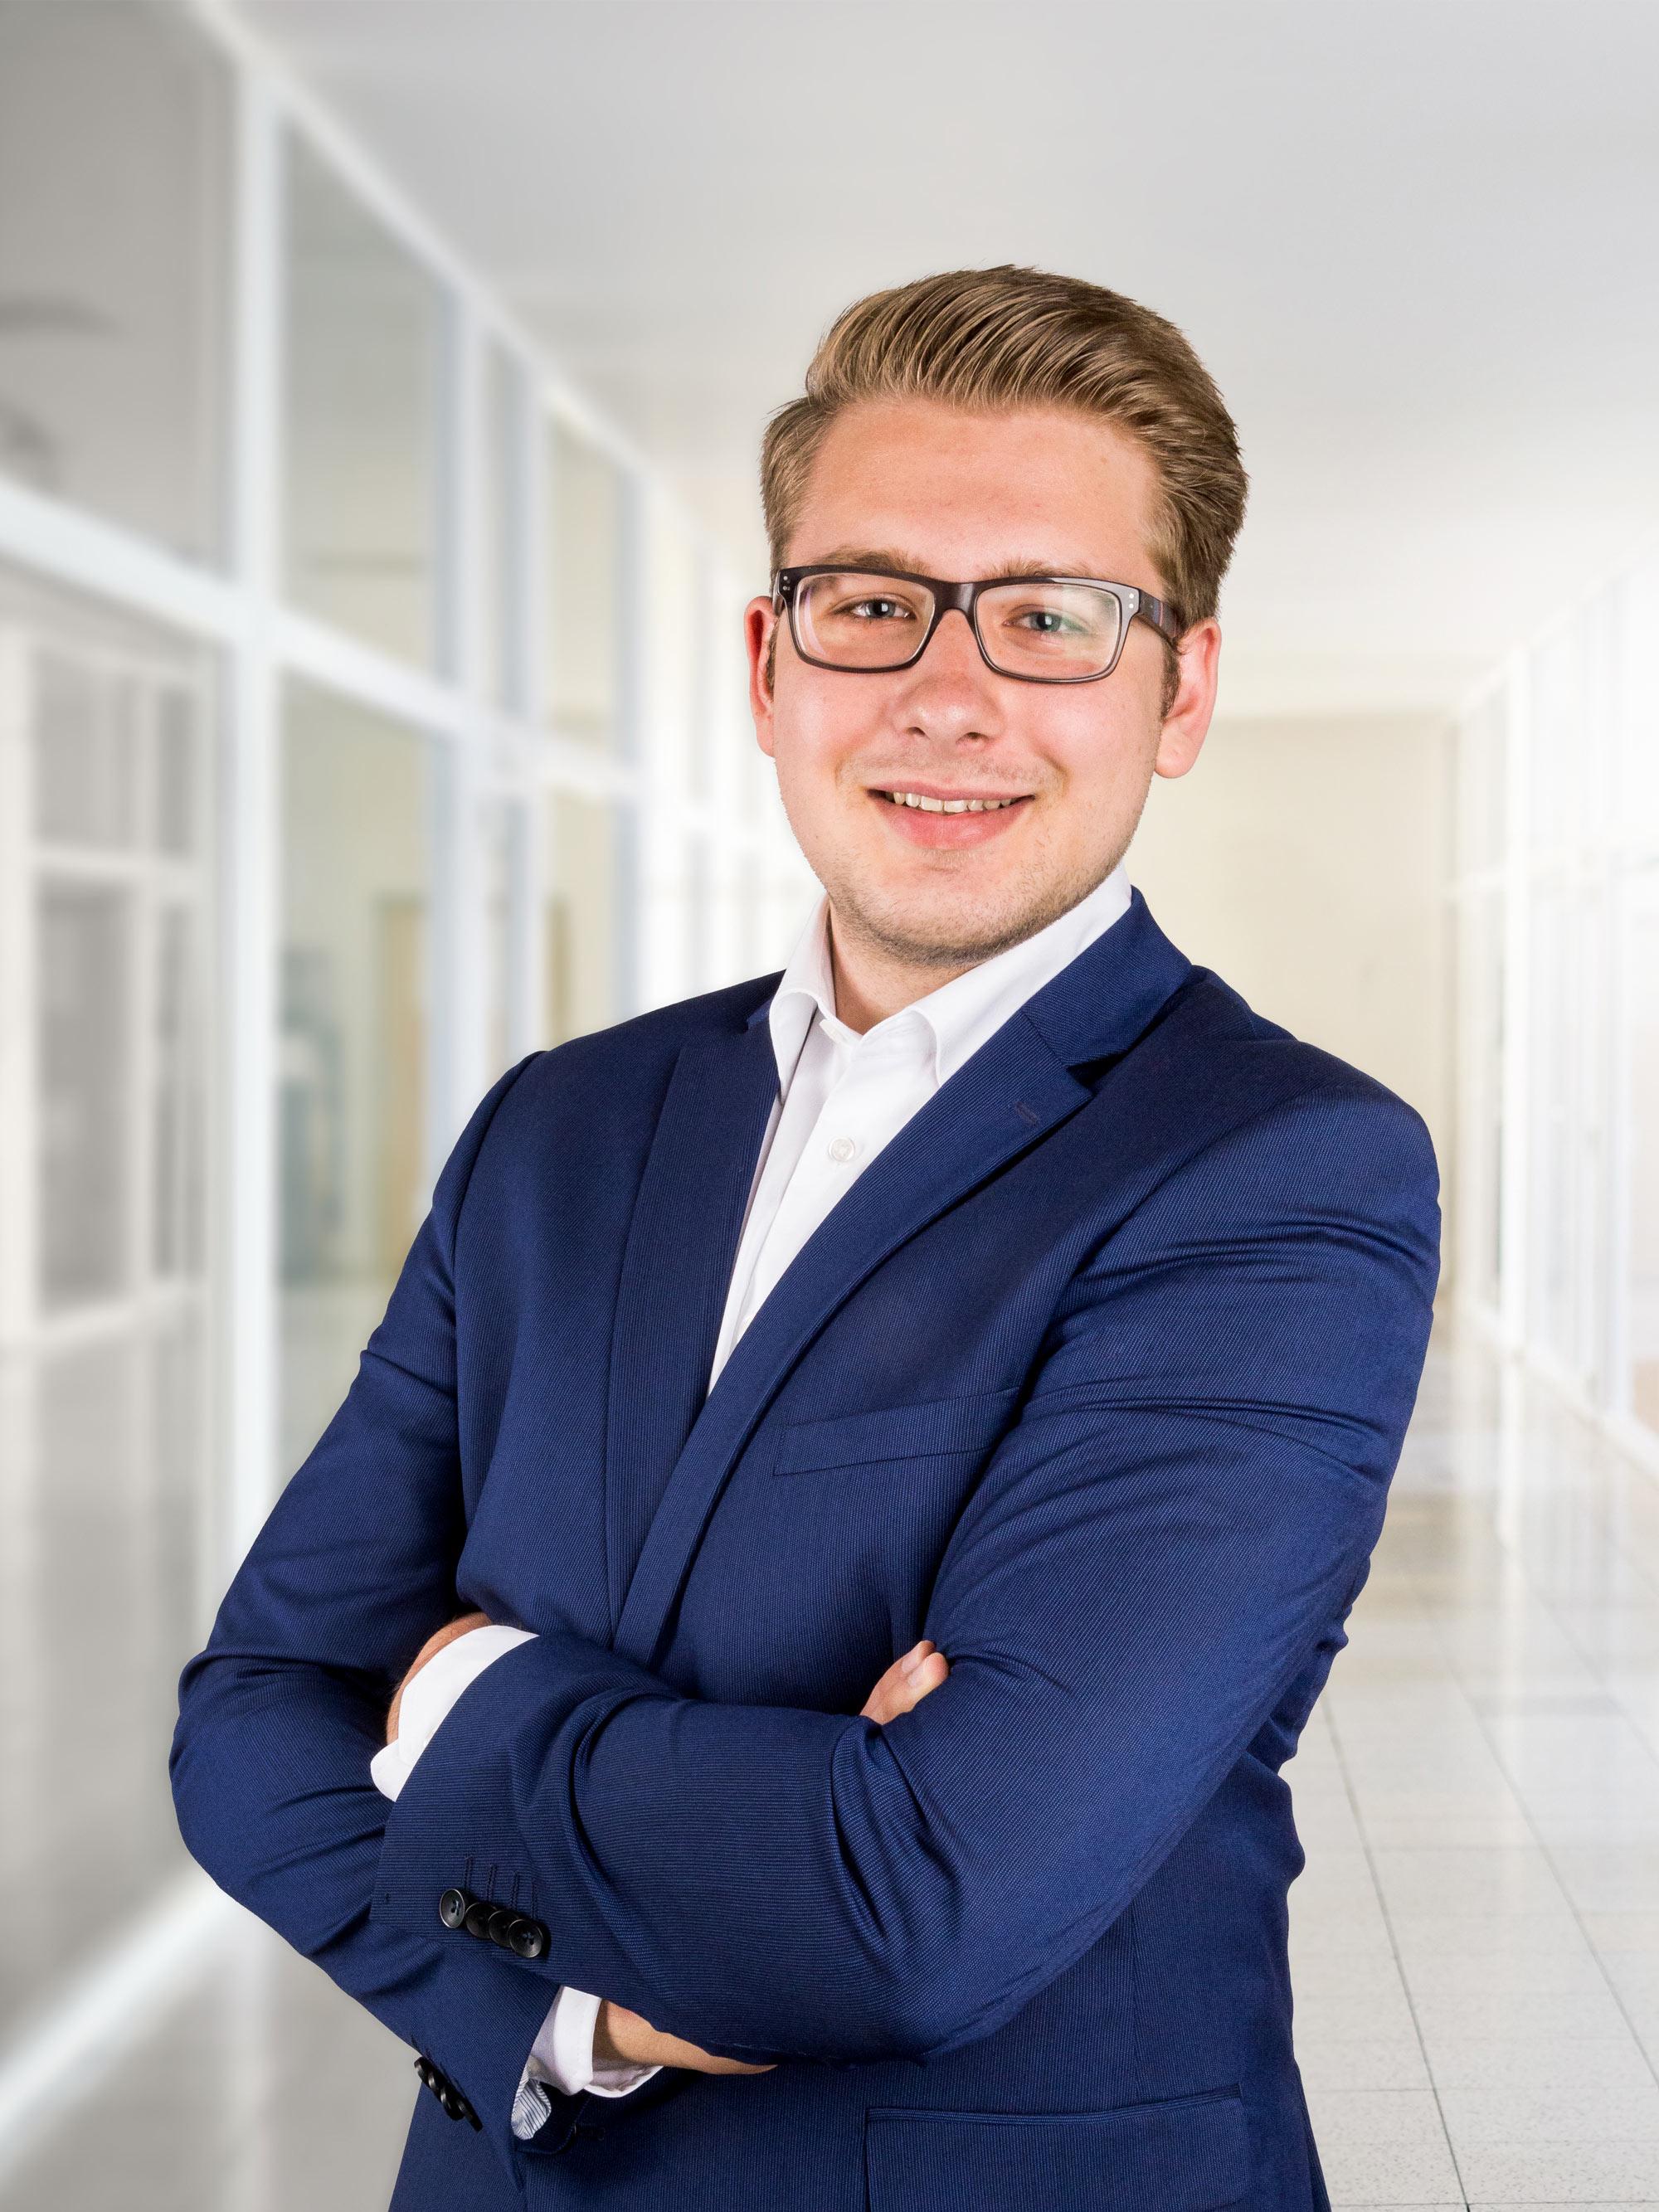 Lorenz Treimer